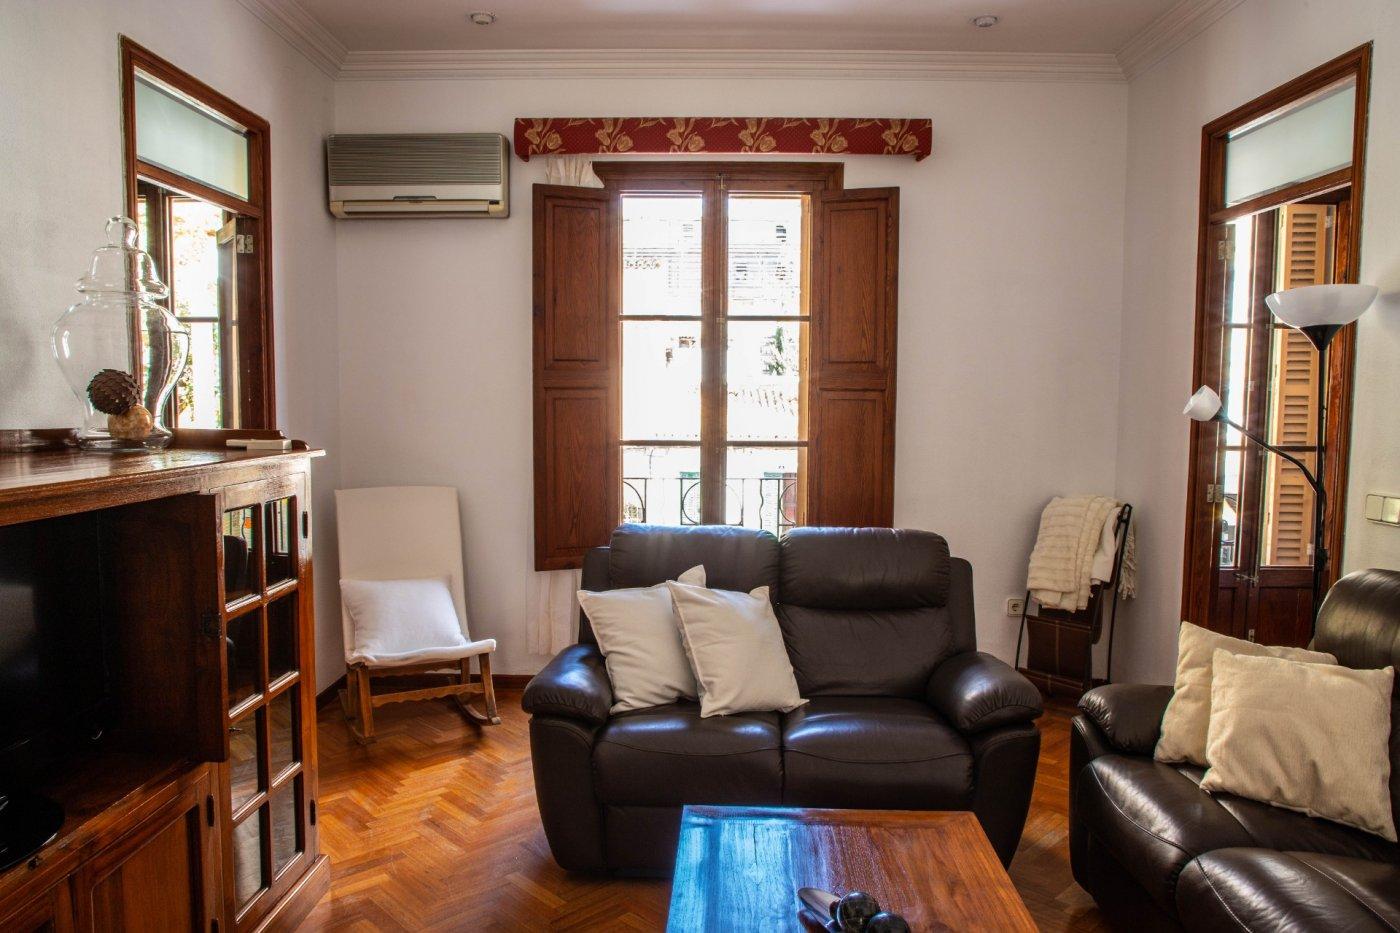 Primer piso con terrado privado en santa catalina - imagenInmueble4